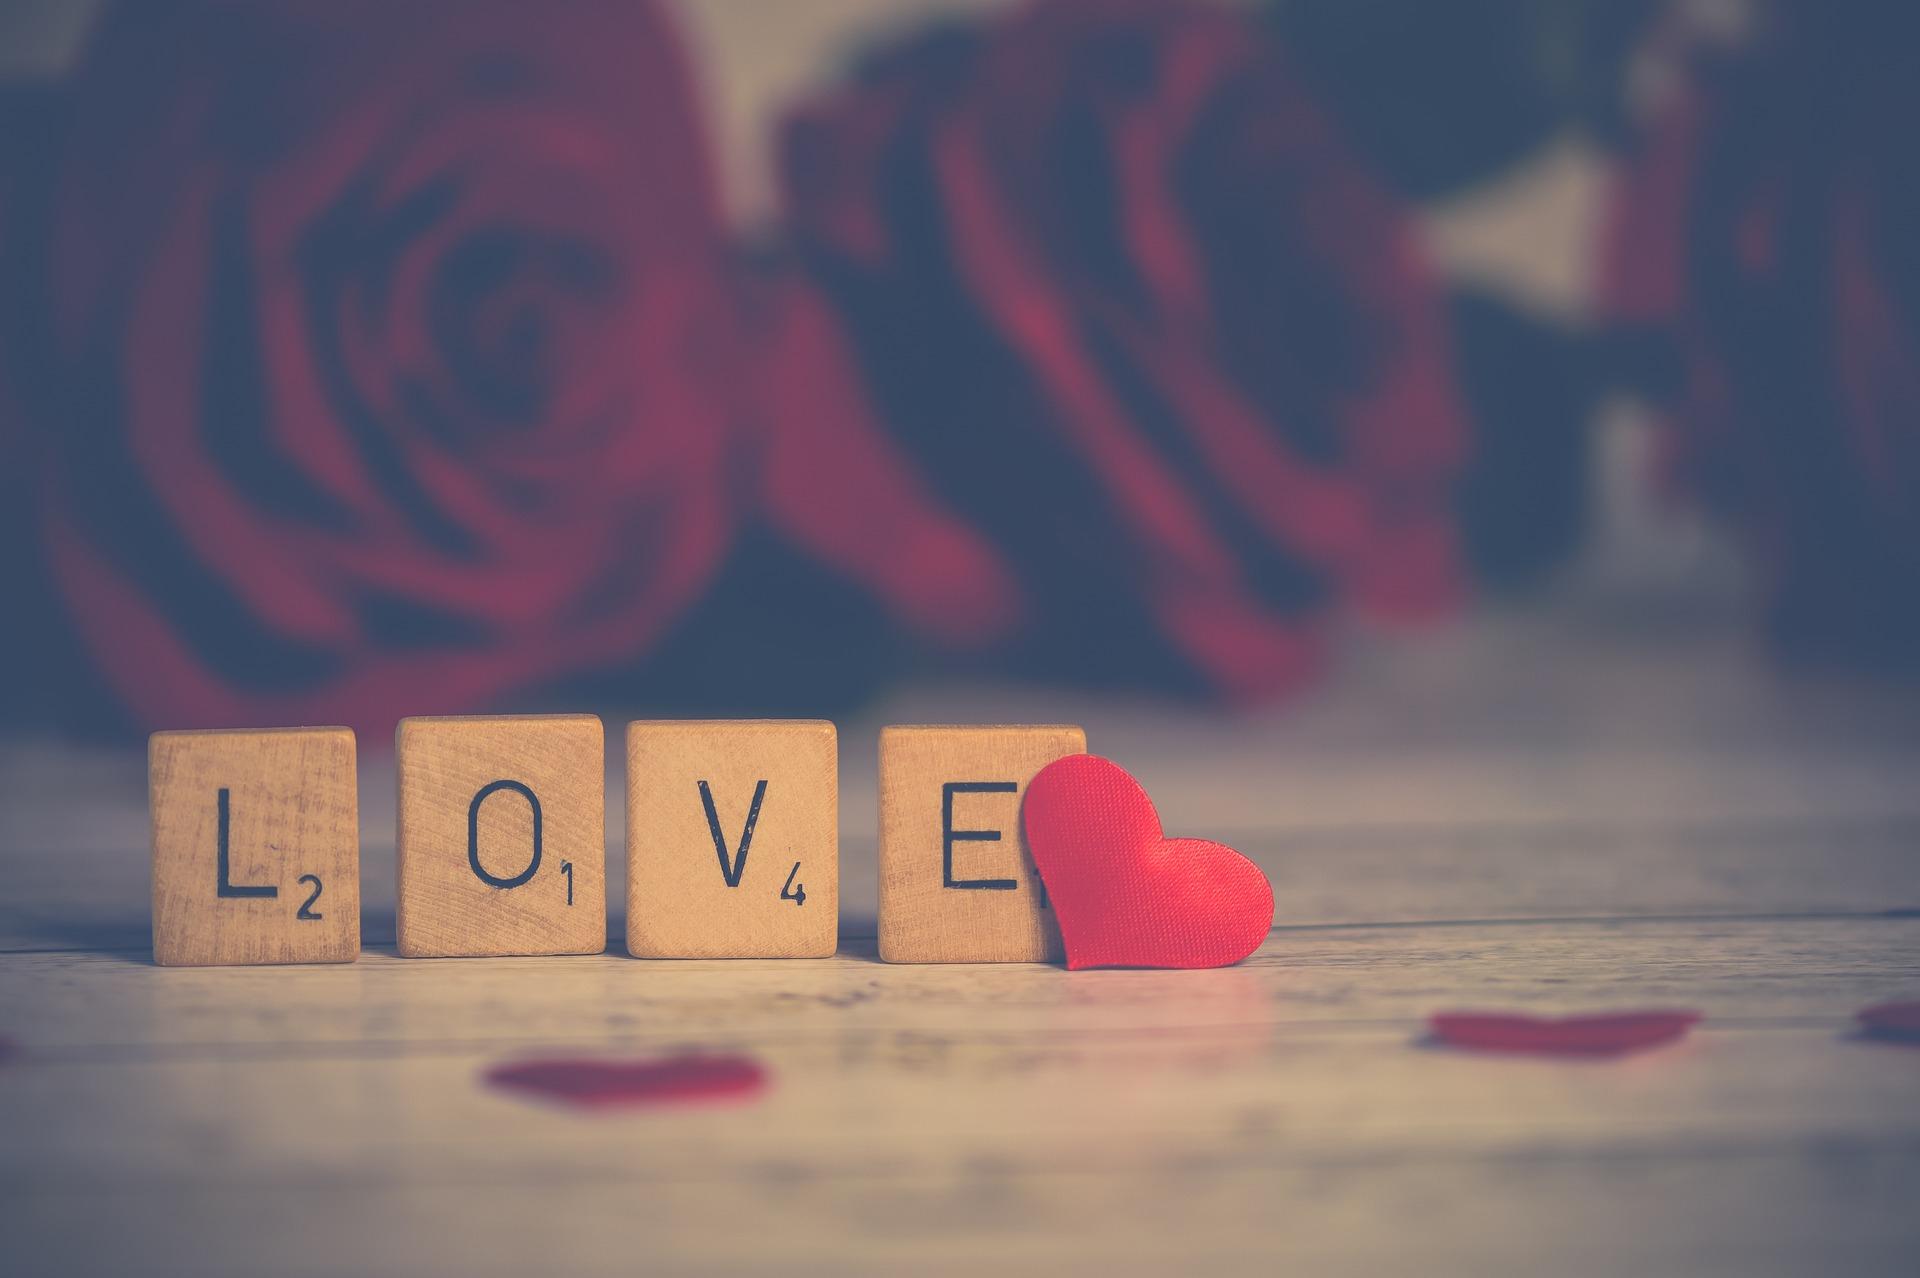 De vigtigste ting er viden og kærlighed